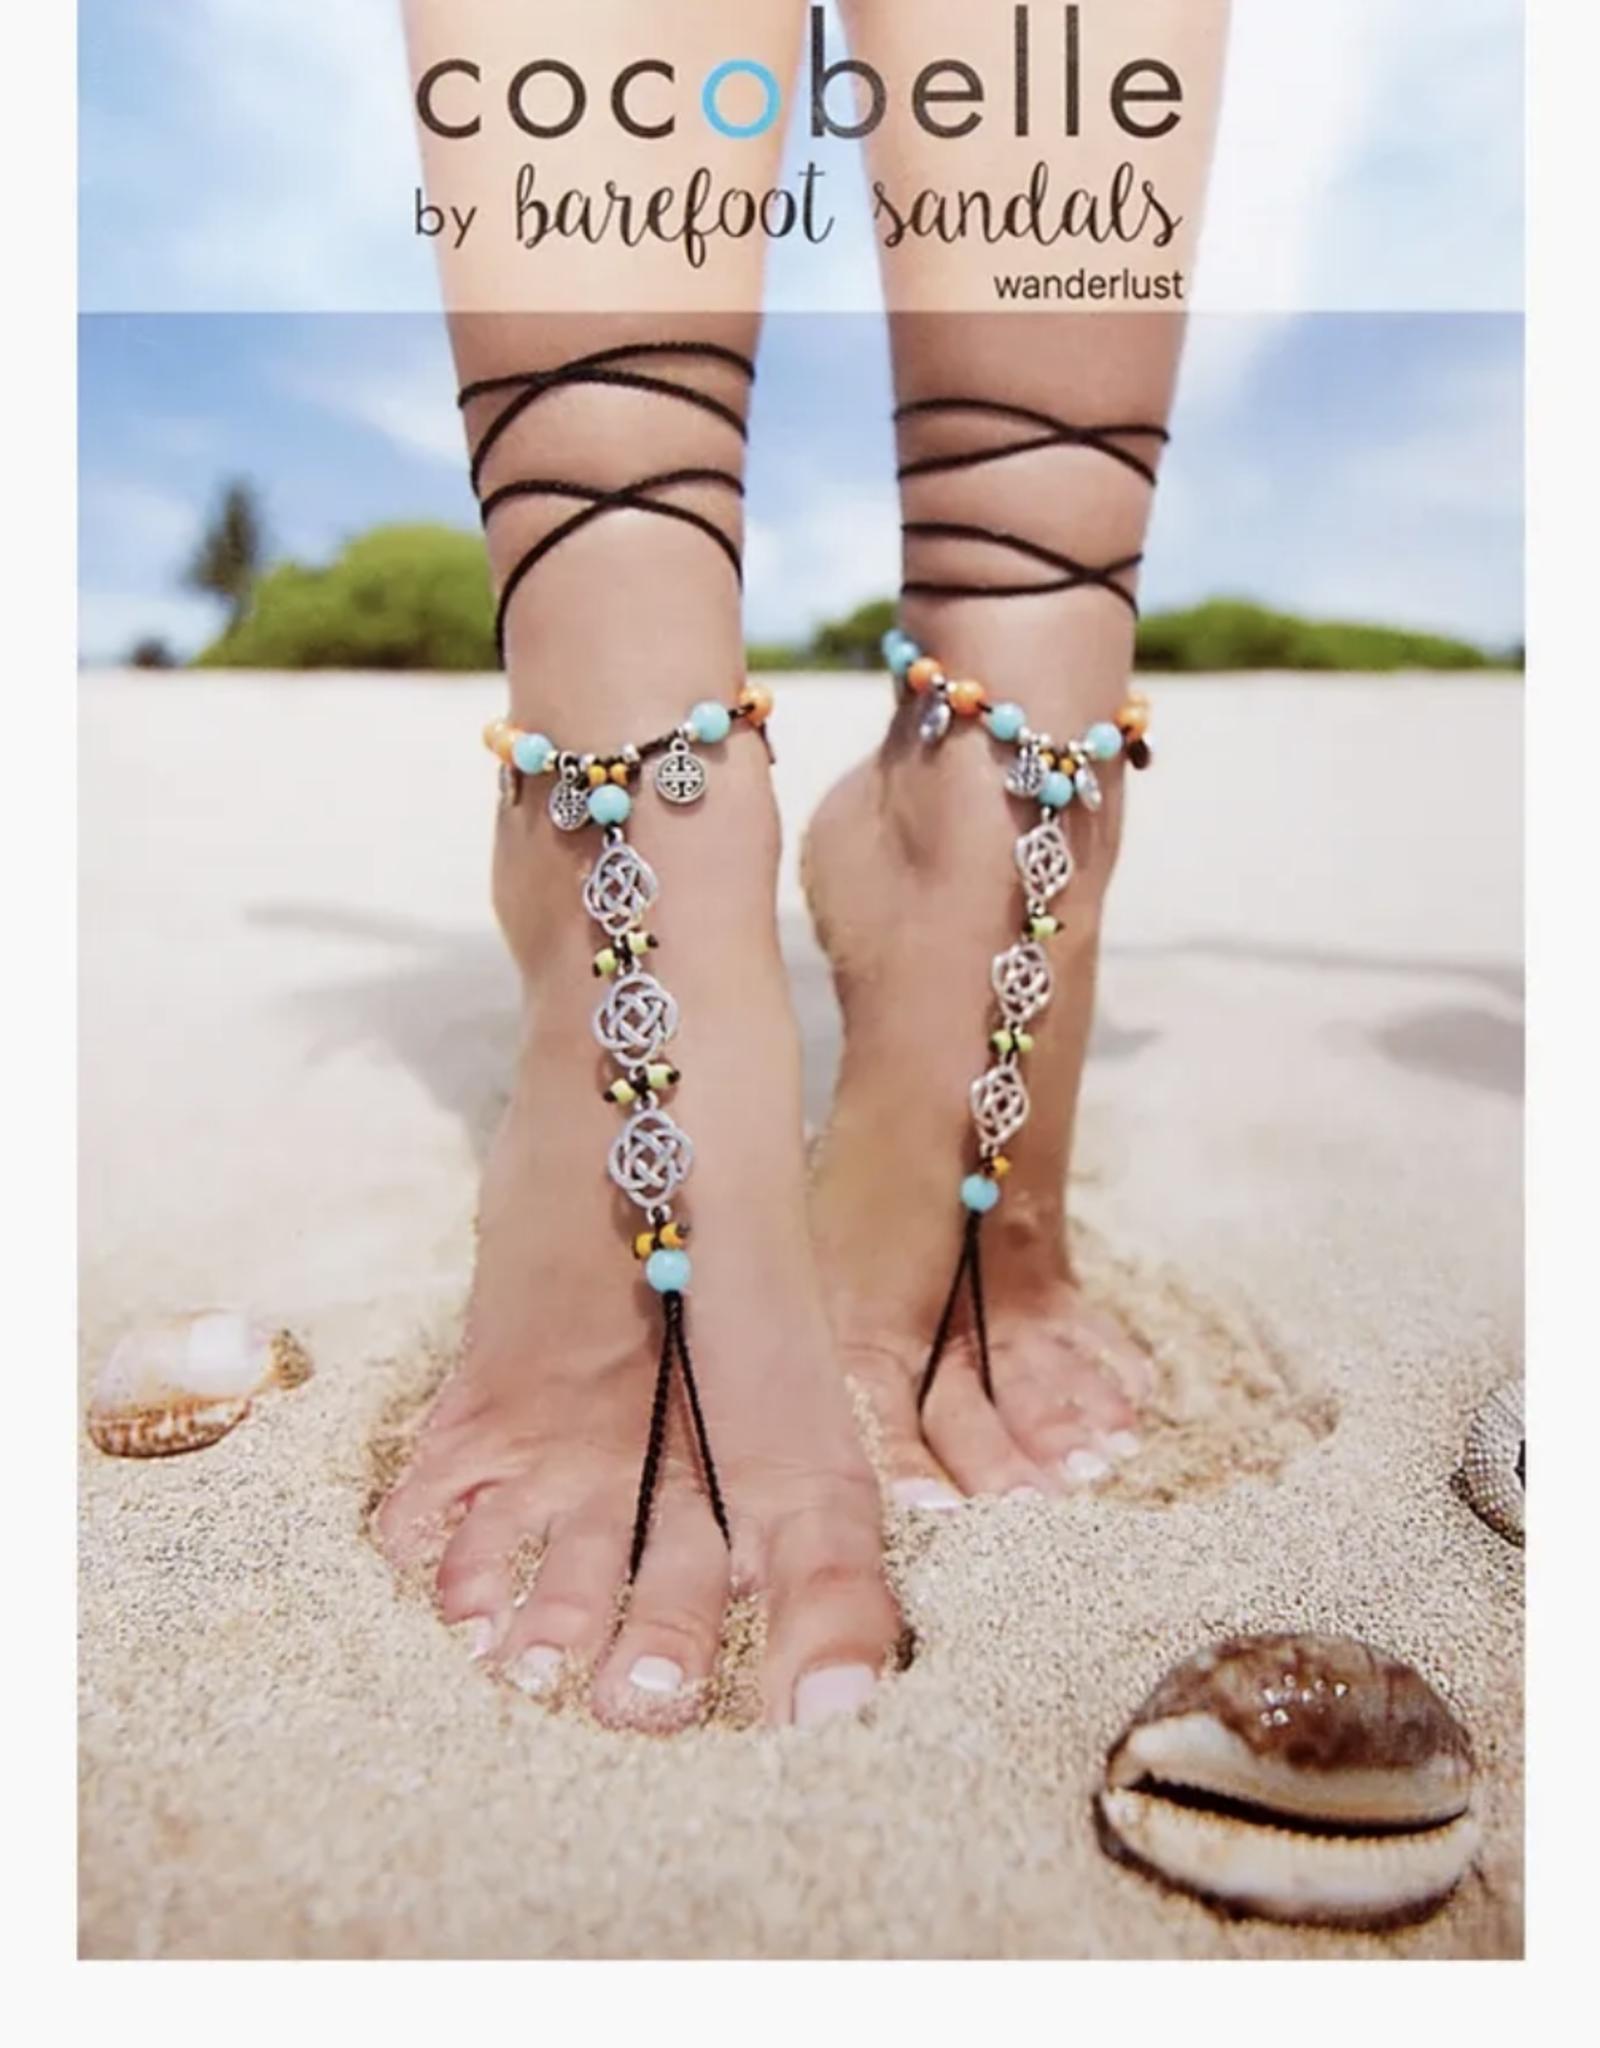 Cocobelle Barefoot Sandal